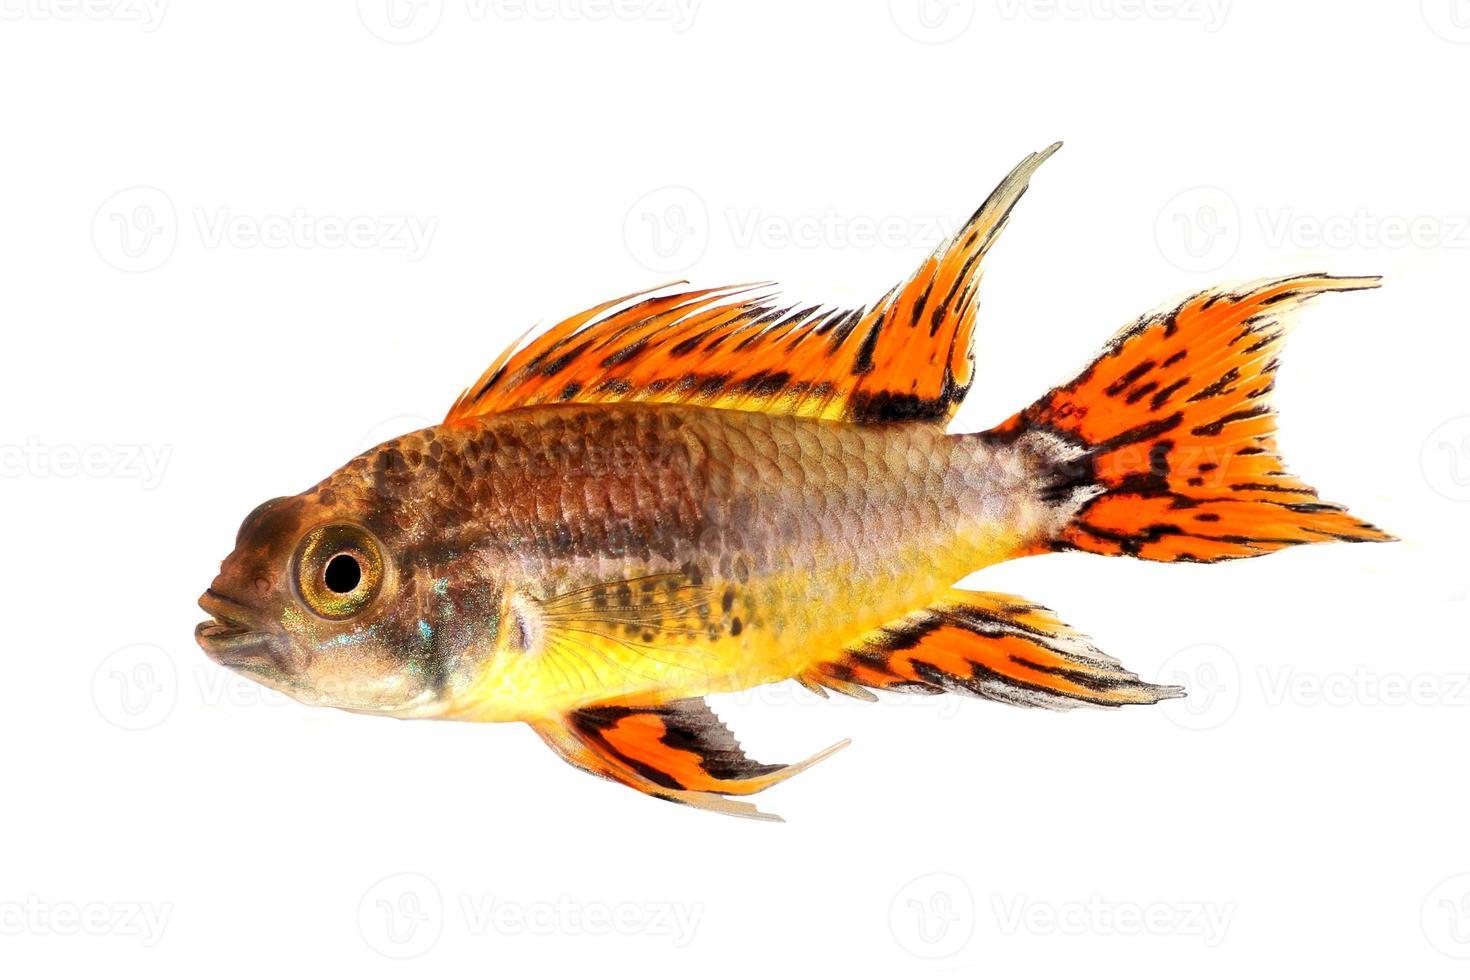 cacatua cichlid nano apistogramma cacatuoides pesci d'acquario foto